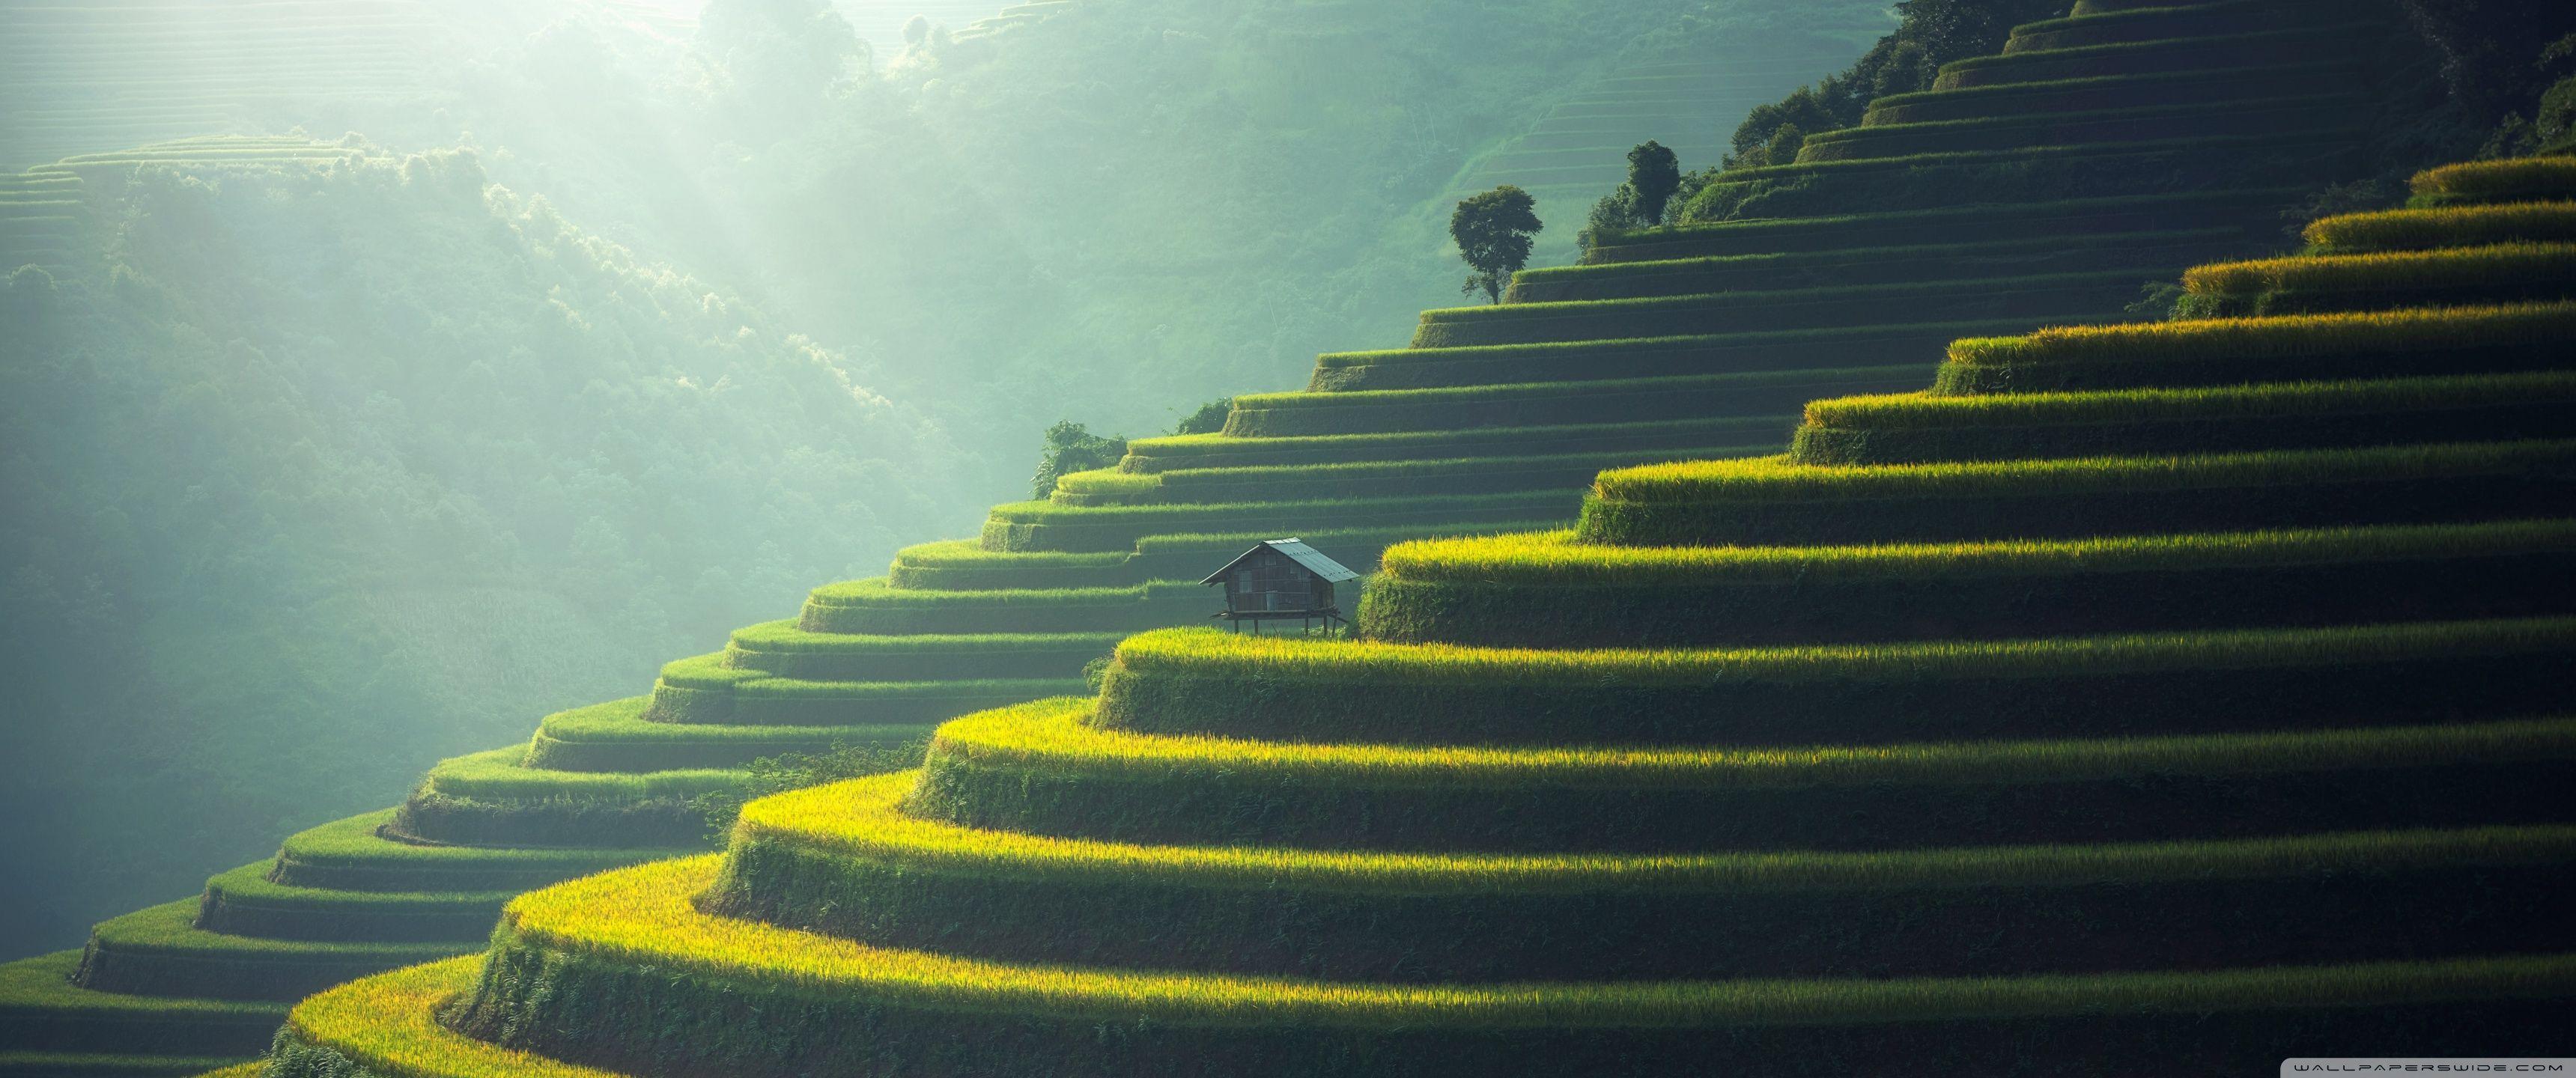 Asian Landscape Wallpapers   Top Asian Landscape Backgrounds 3440x1440